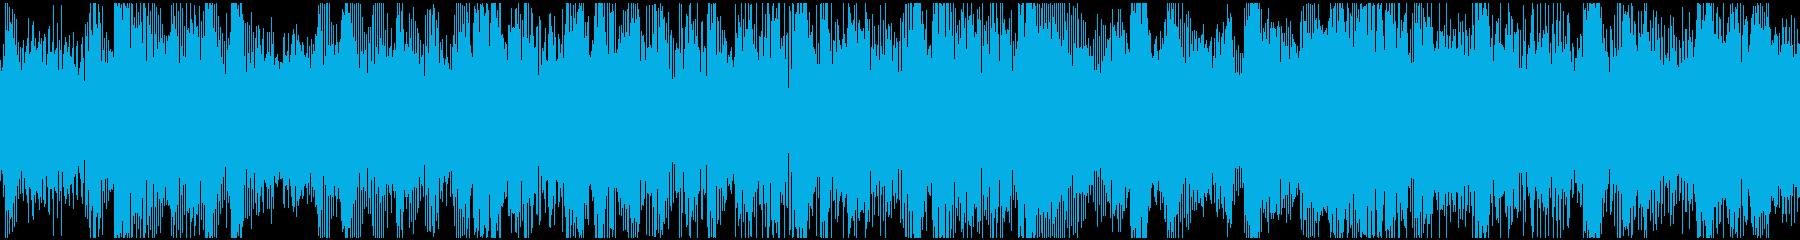 ループ:ドキドキ、わくわく、電子音の再生済みの波形